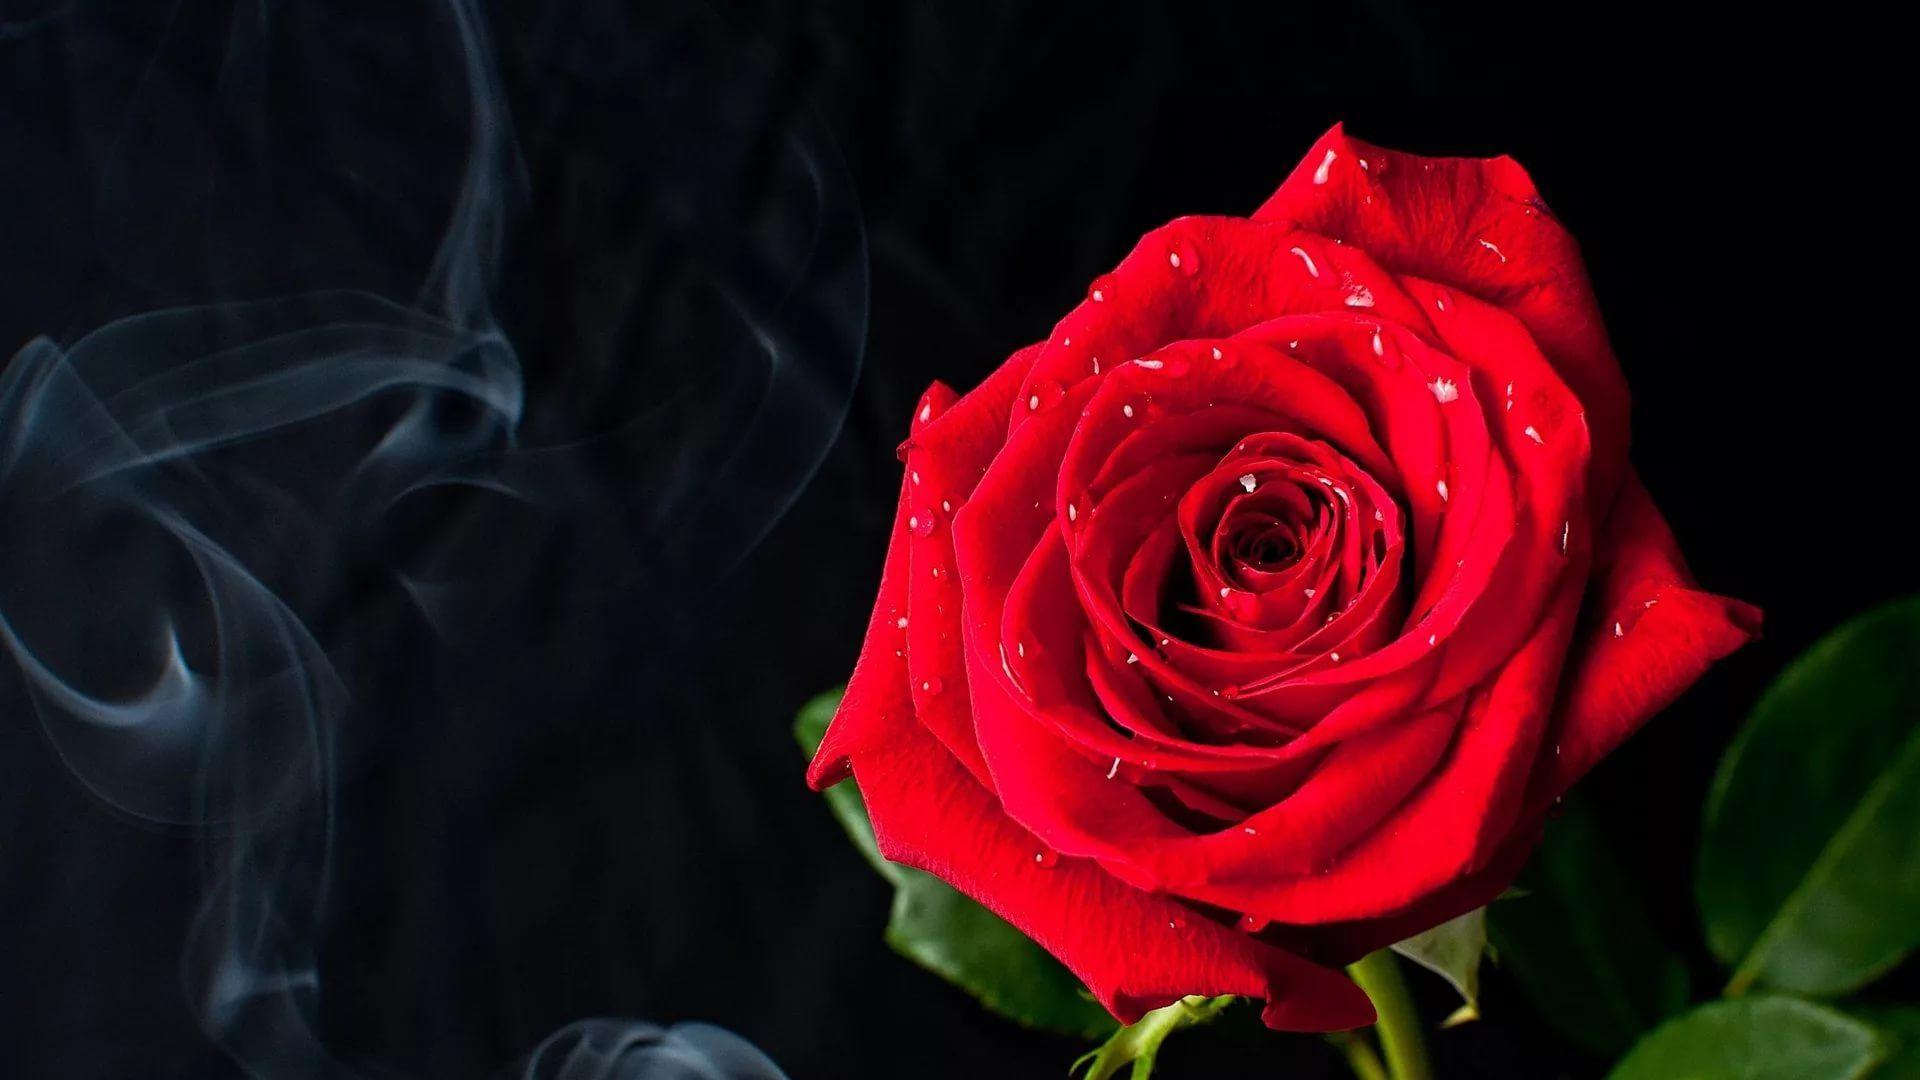 Rose Screensaver wallpaper picture hd